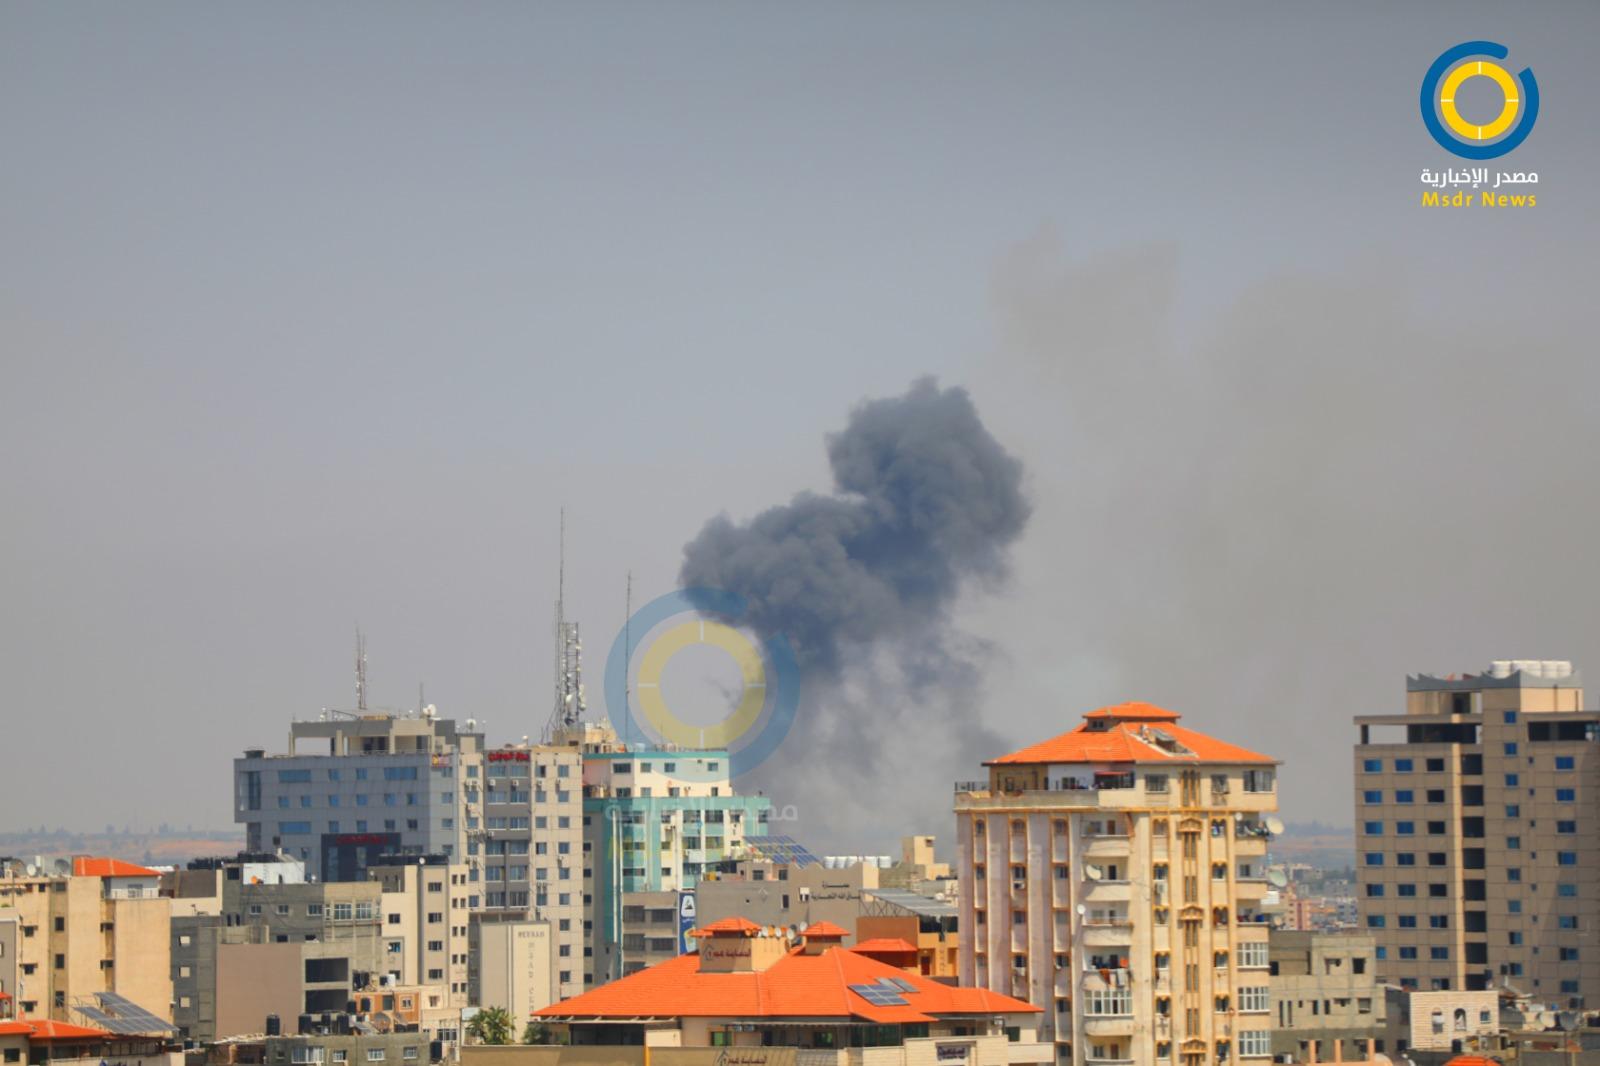 شاهد بالصور: تدمير منازل وممتلكات المواطنين في القصف الإسرائيلي على غزة